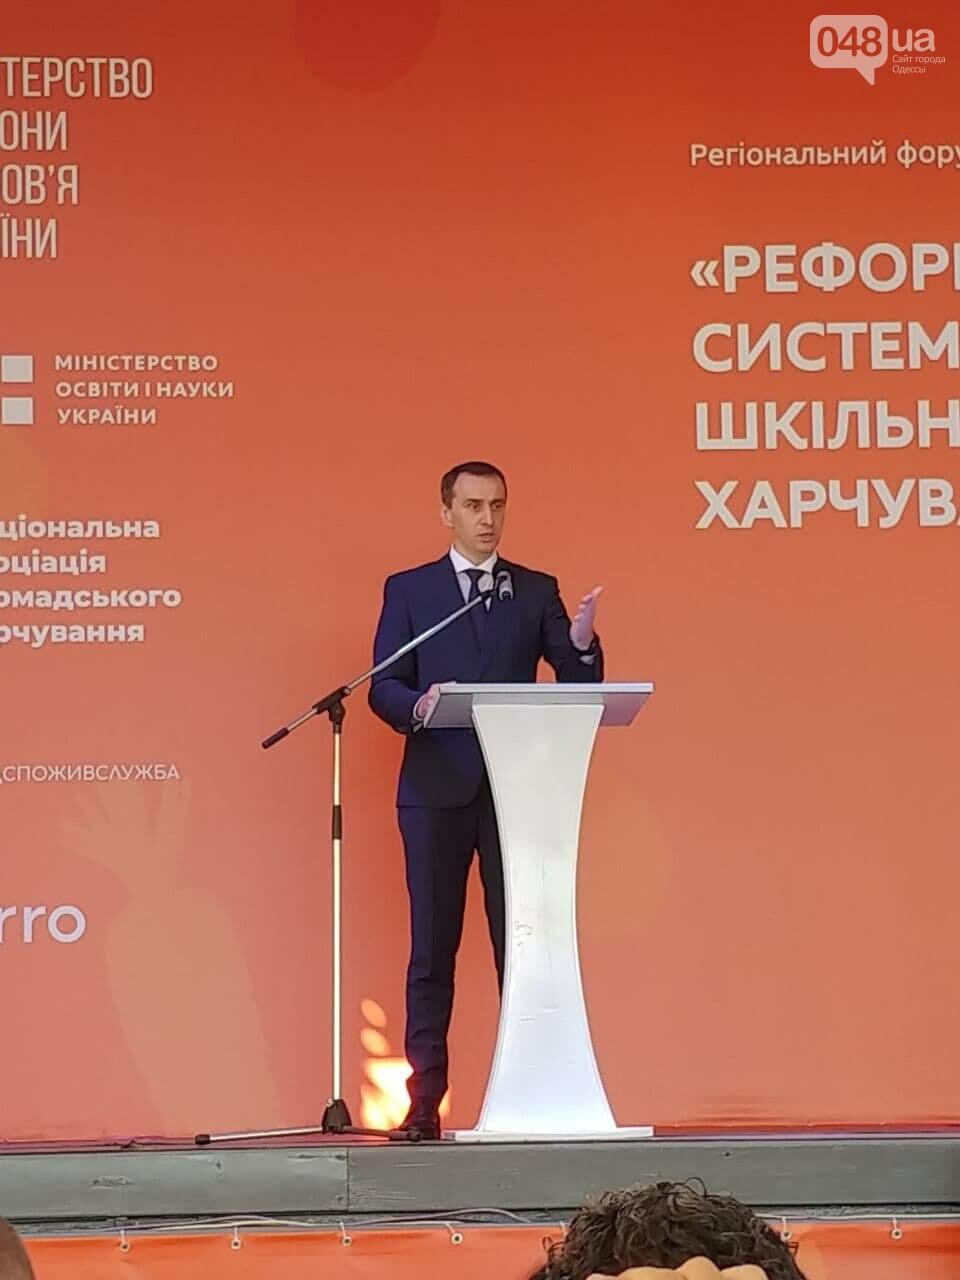 Шкарлету понравилось море, а Ляшко желал всем здоровья: как в Одессе прошел форум по школьному питанию, - ФОТО, фото-4